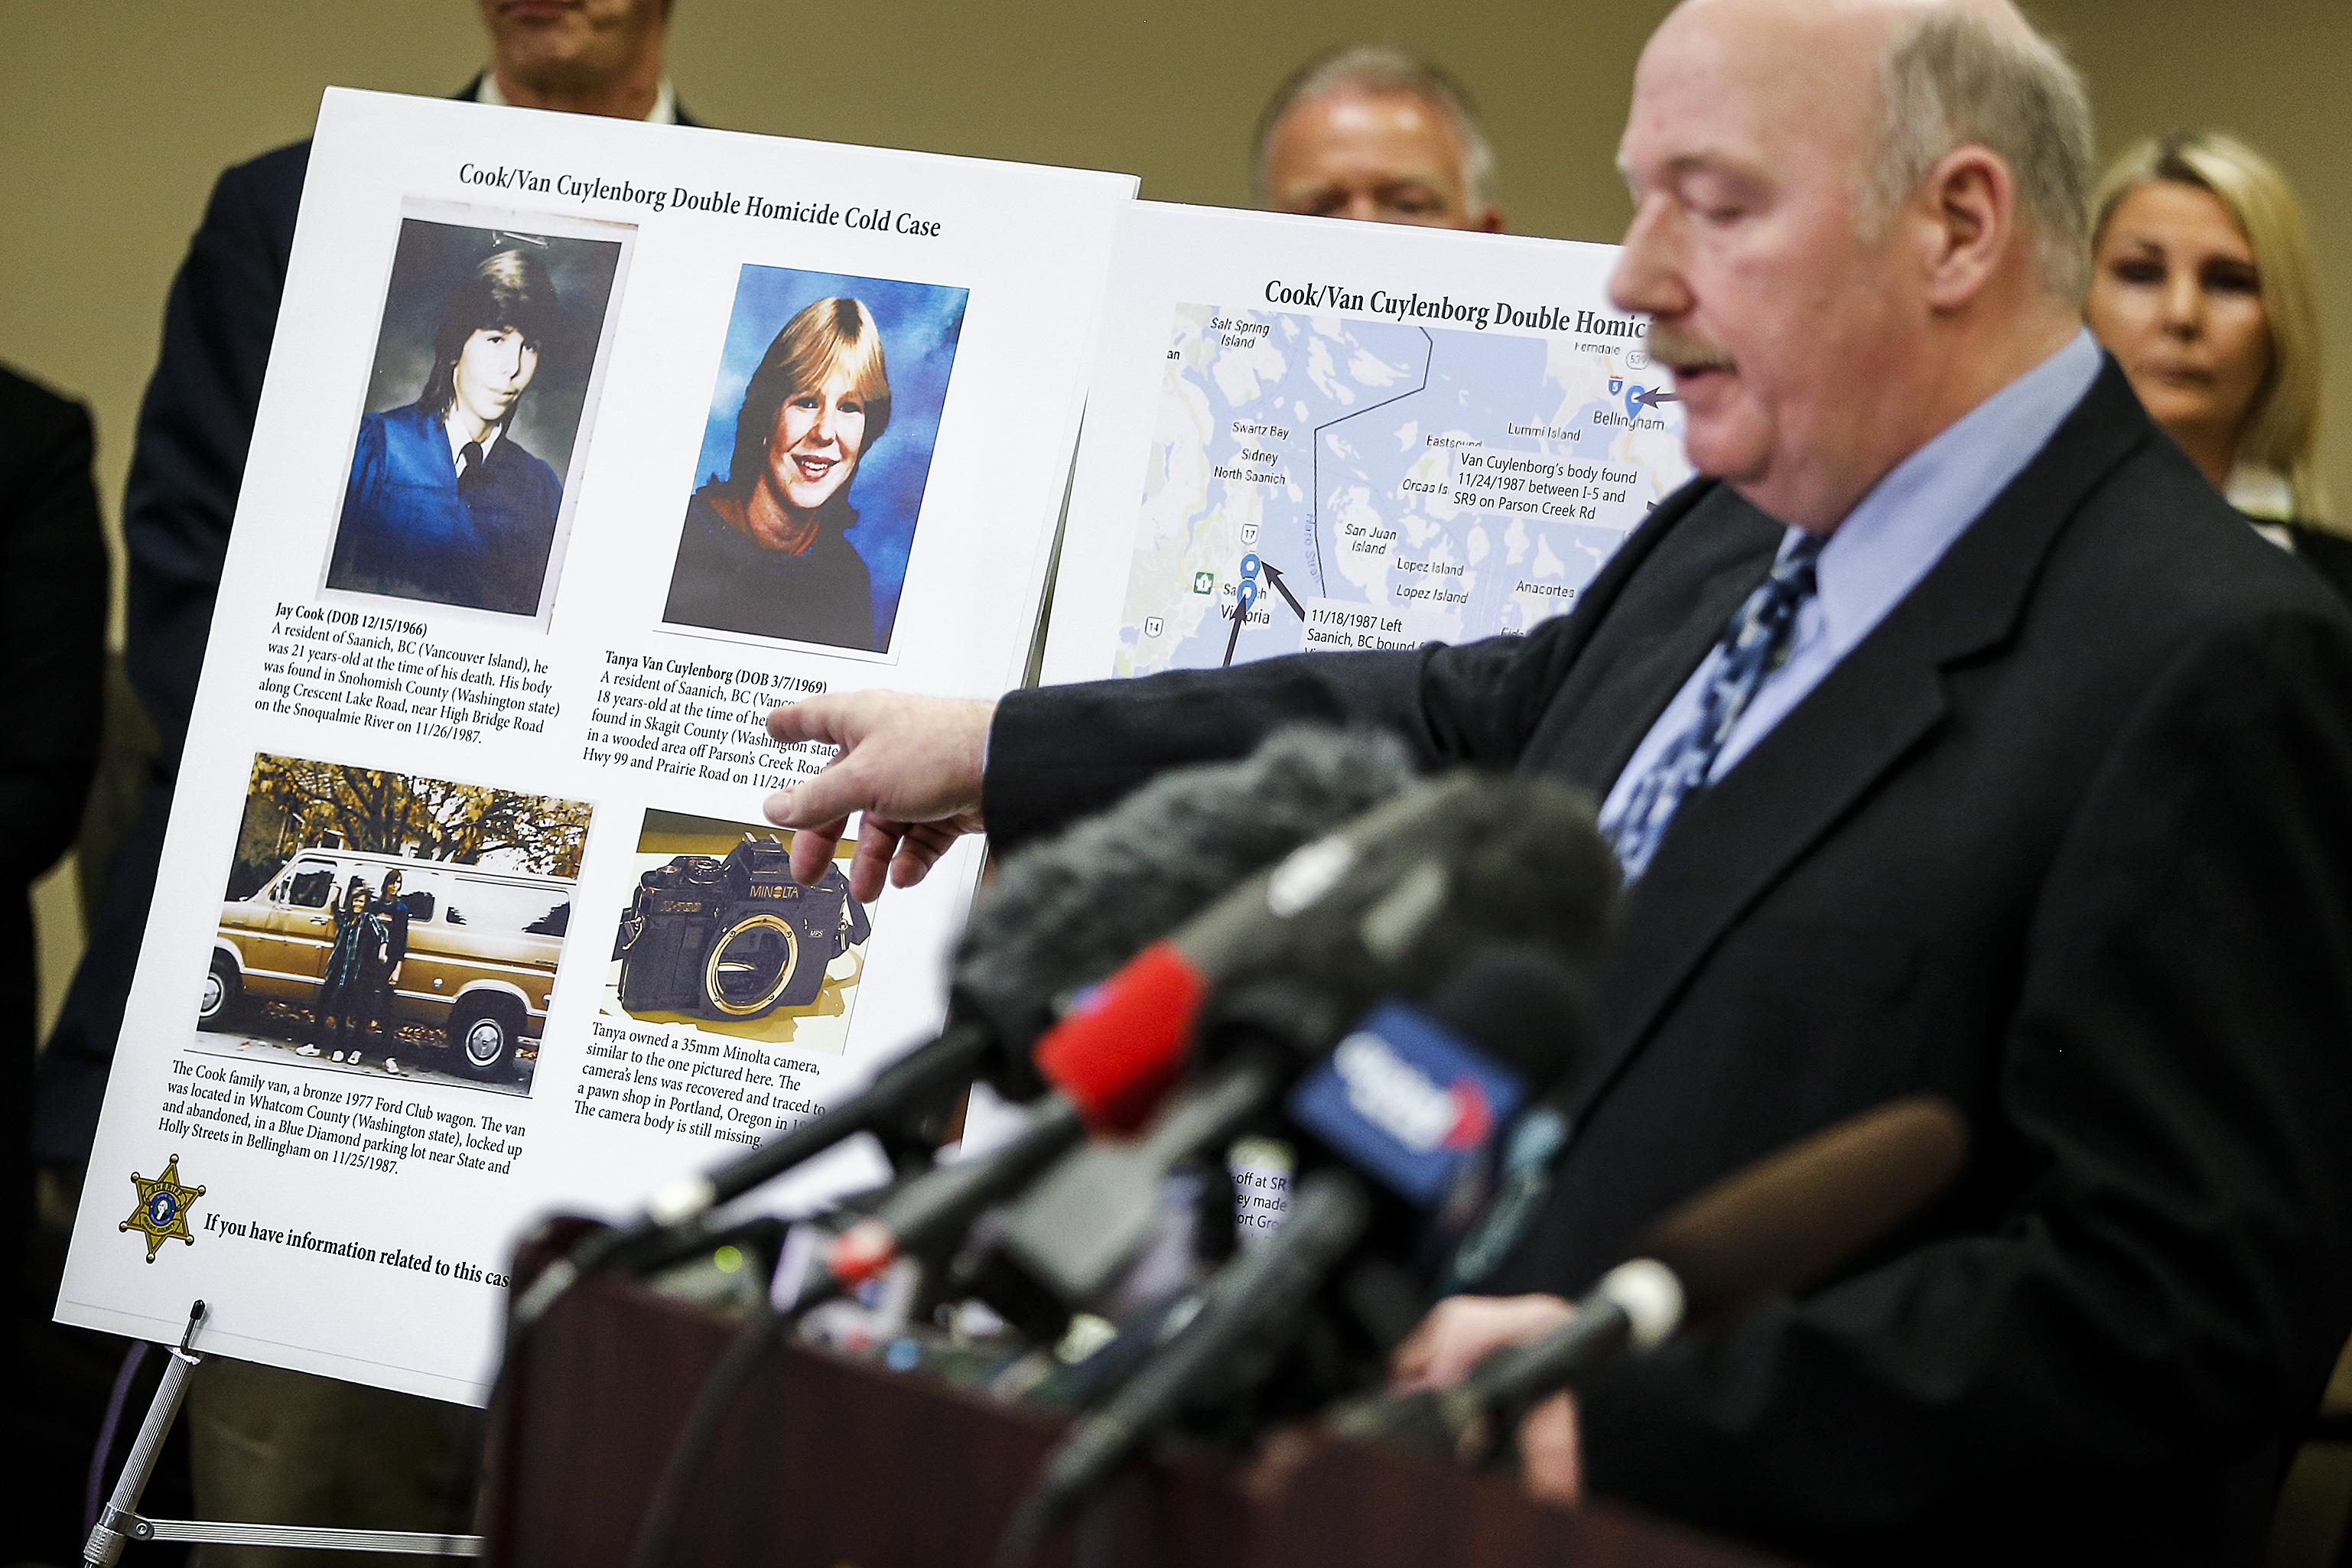 Jay Cook y Tanya Van Cuylenborg fueron asesinados en 1987. Durante una conferencia de prensa en mayo, los investigadores en el estado de Washington dijeron que la genealogía genética había señalado a un sospechoso en el caso frío.